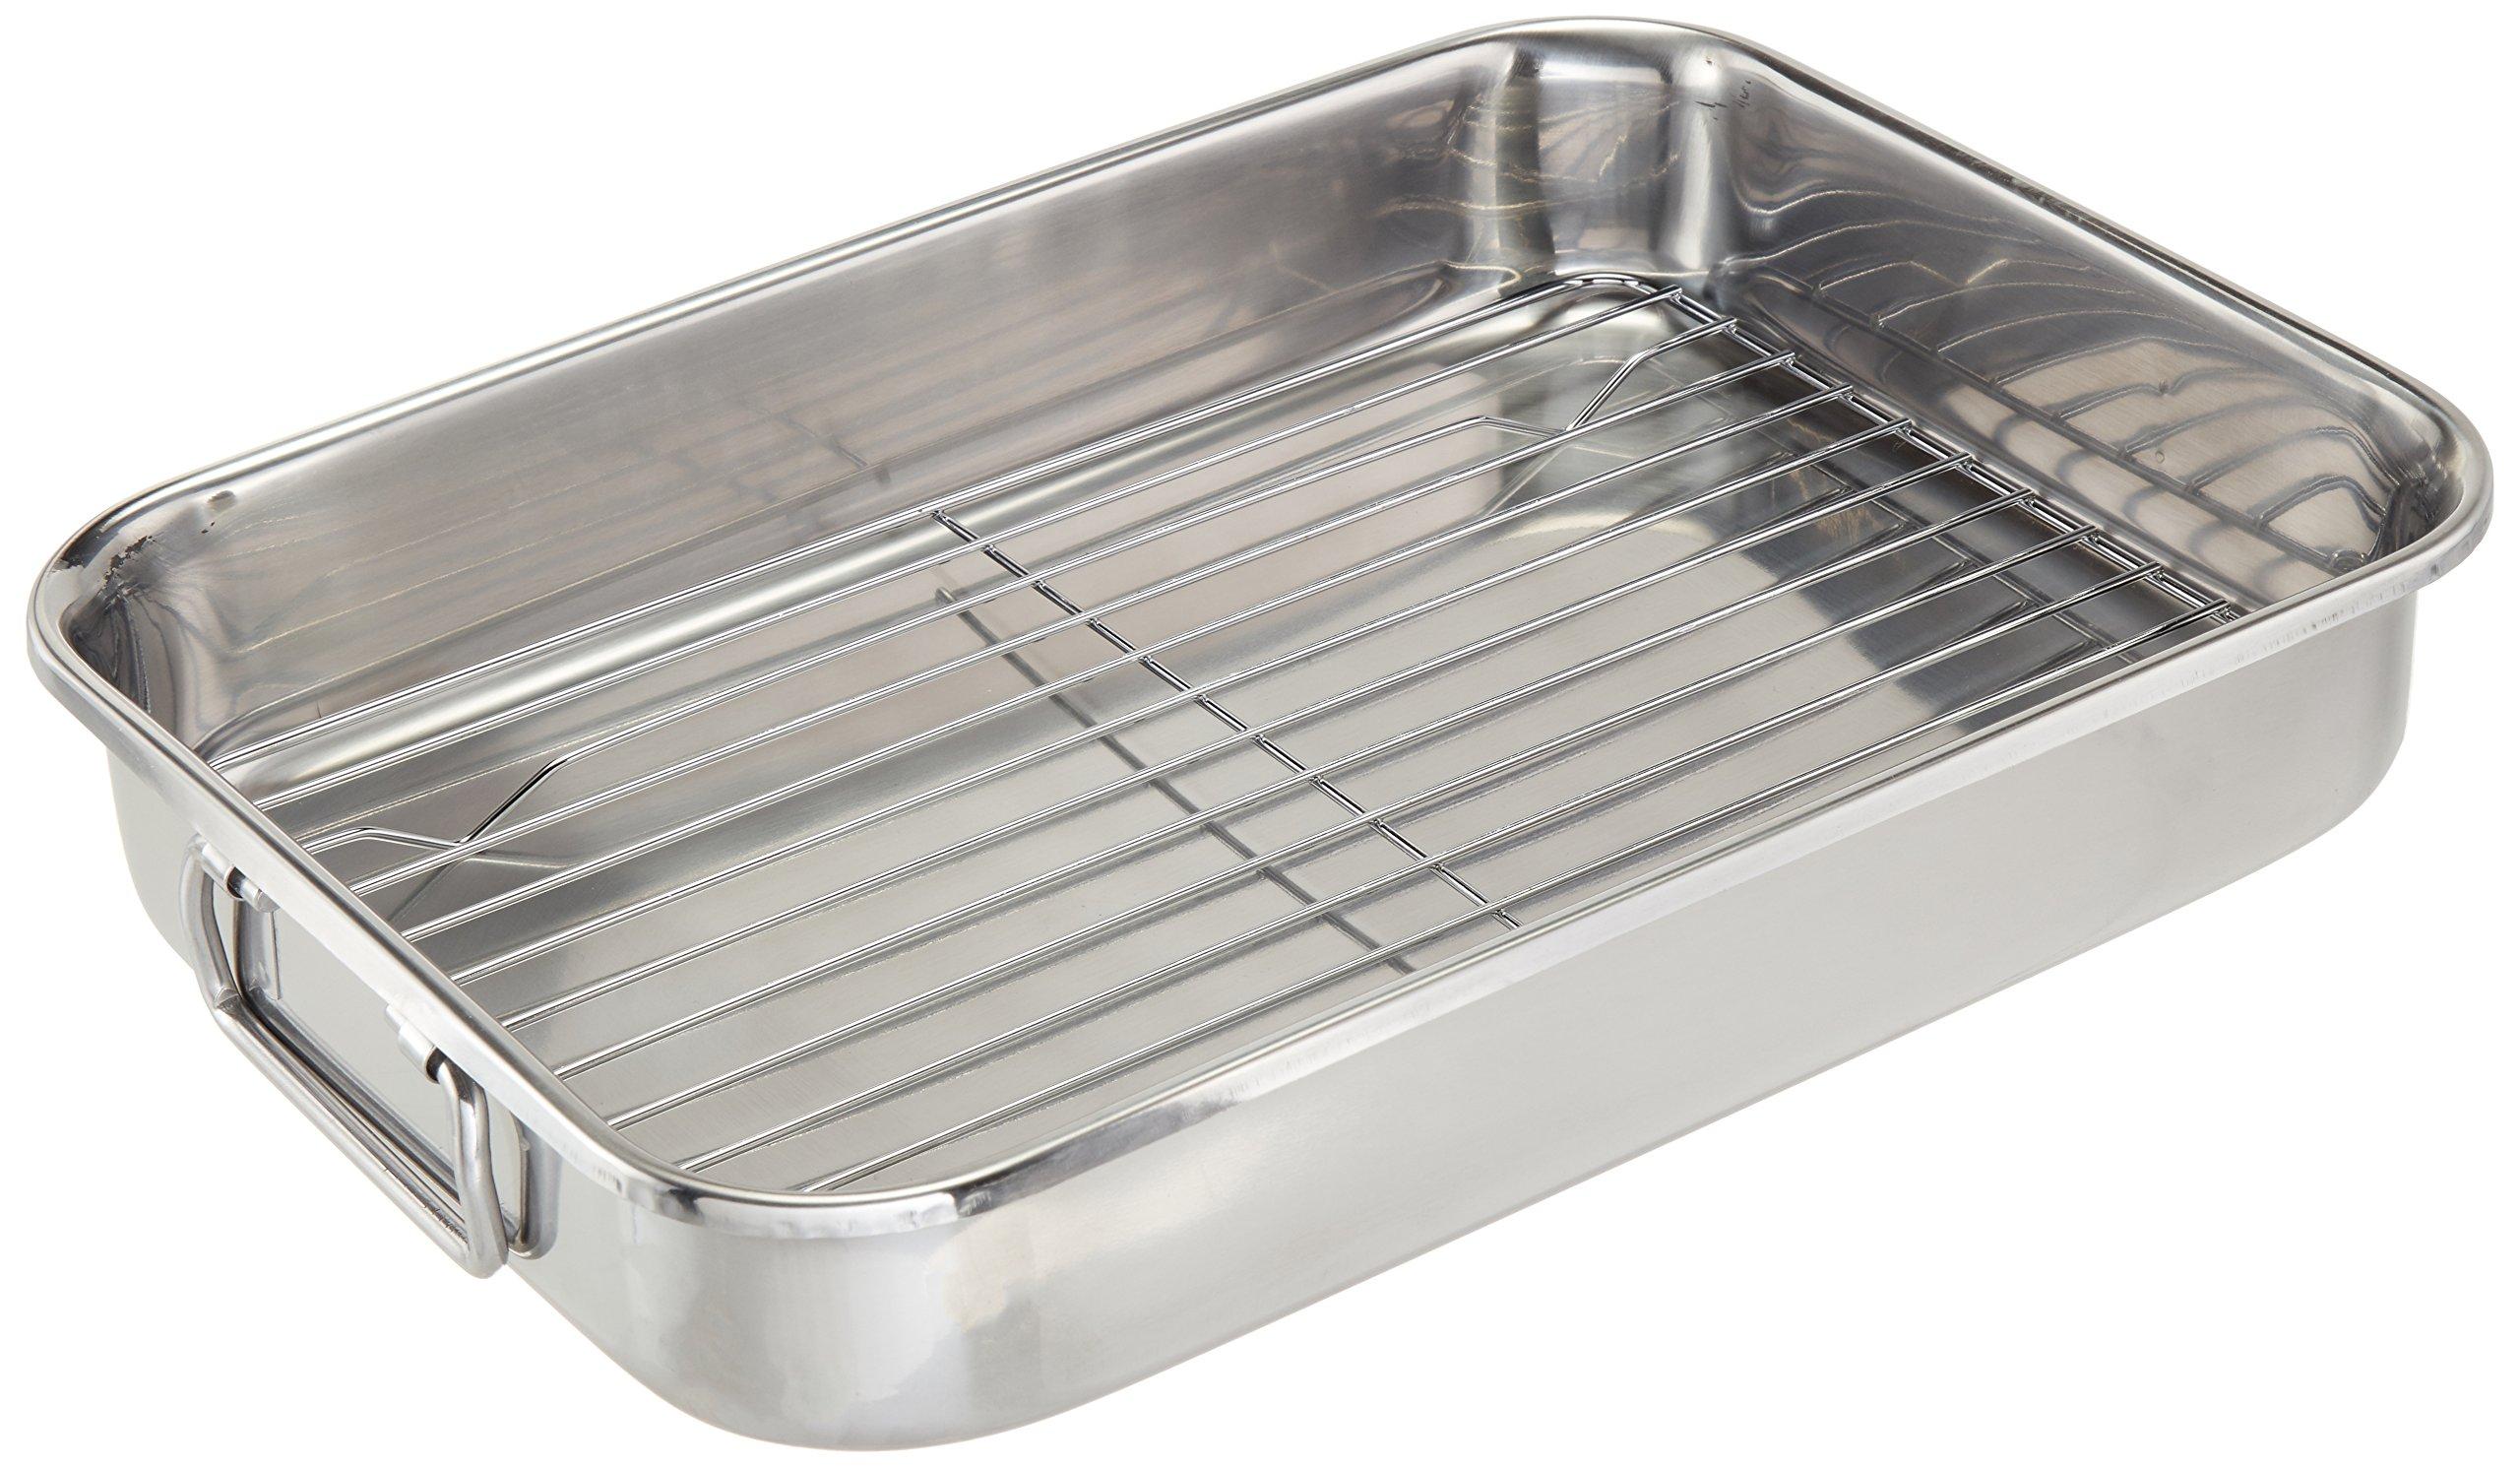 ExcelSteel 592 Roasting Pan, Stainless